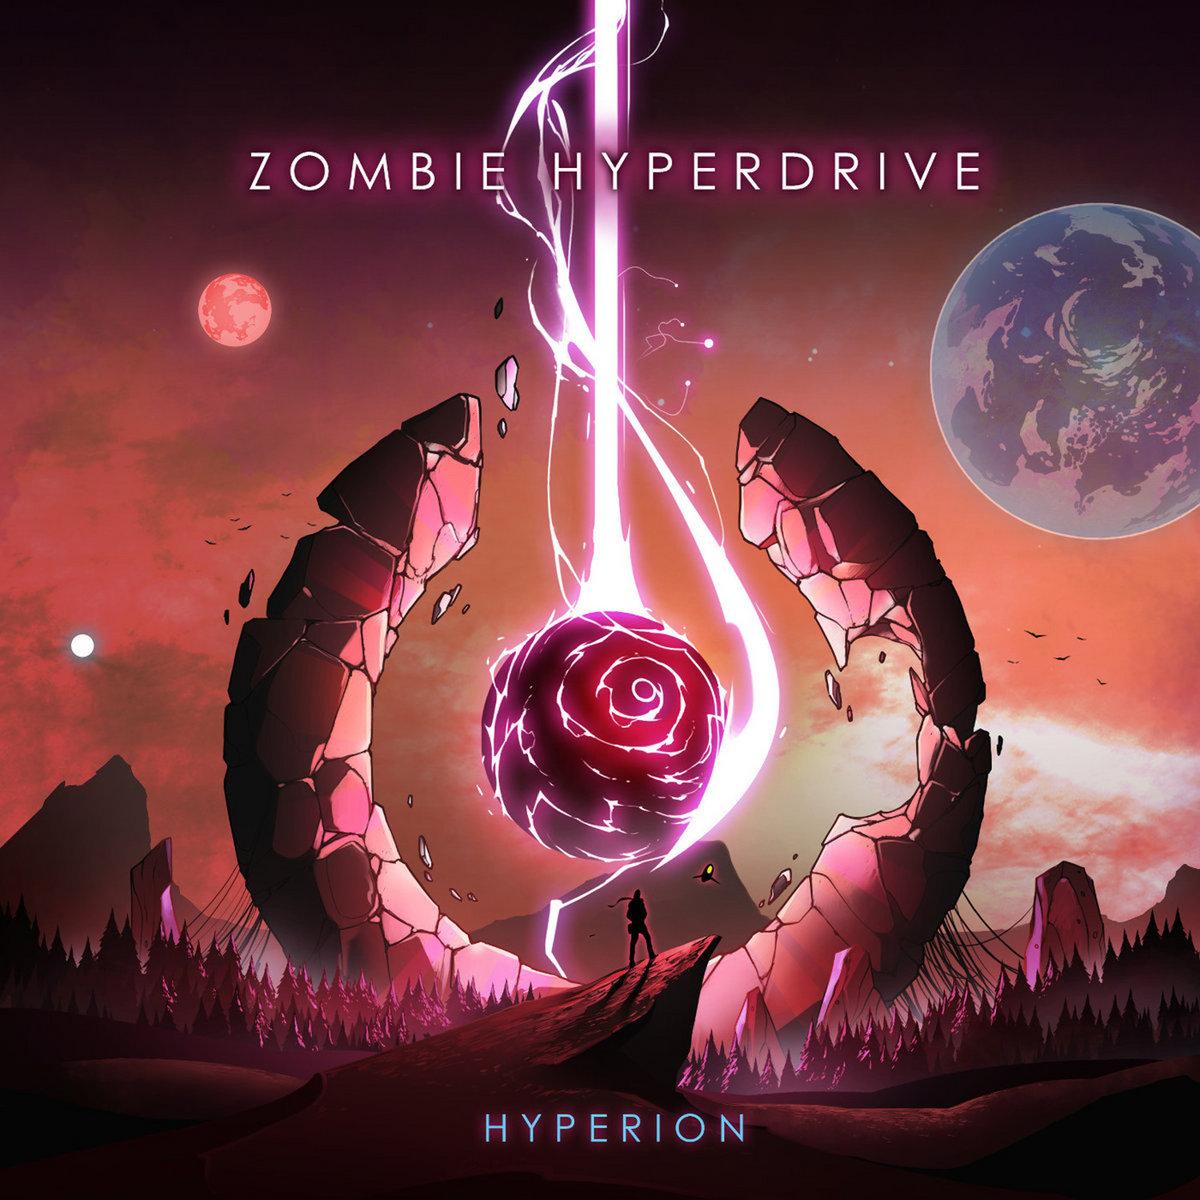 Hyperion Newretrowave